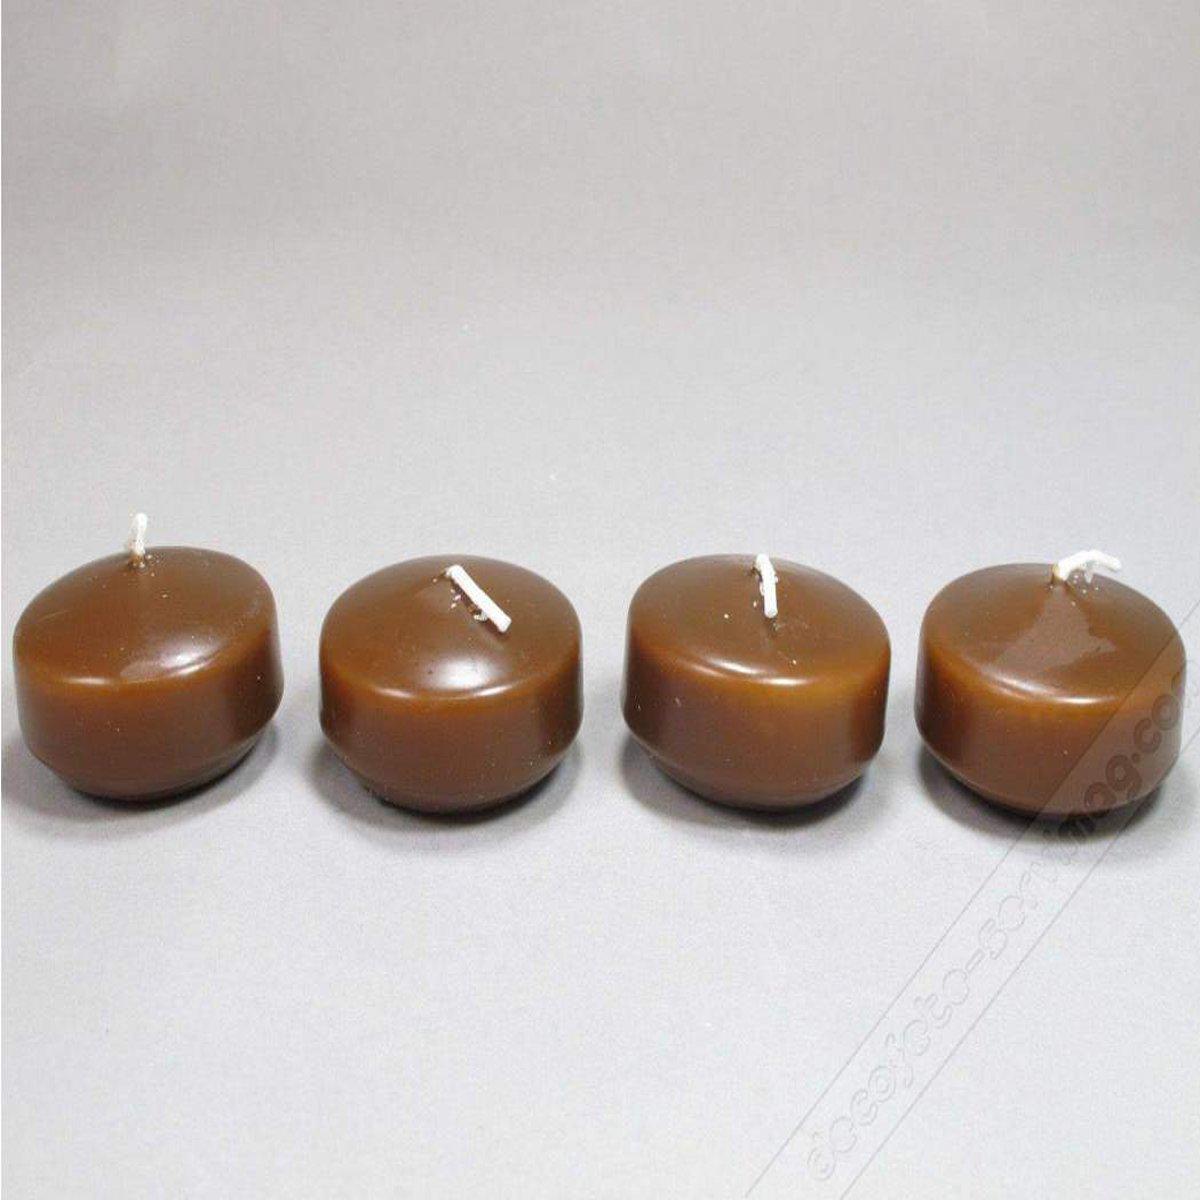 Visiodirect Boite de 4 Bougies flottantes Coloris Marron - 2, 8 cm x 4, 5 cm